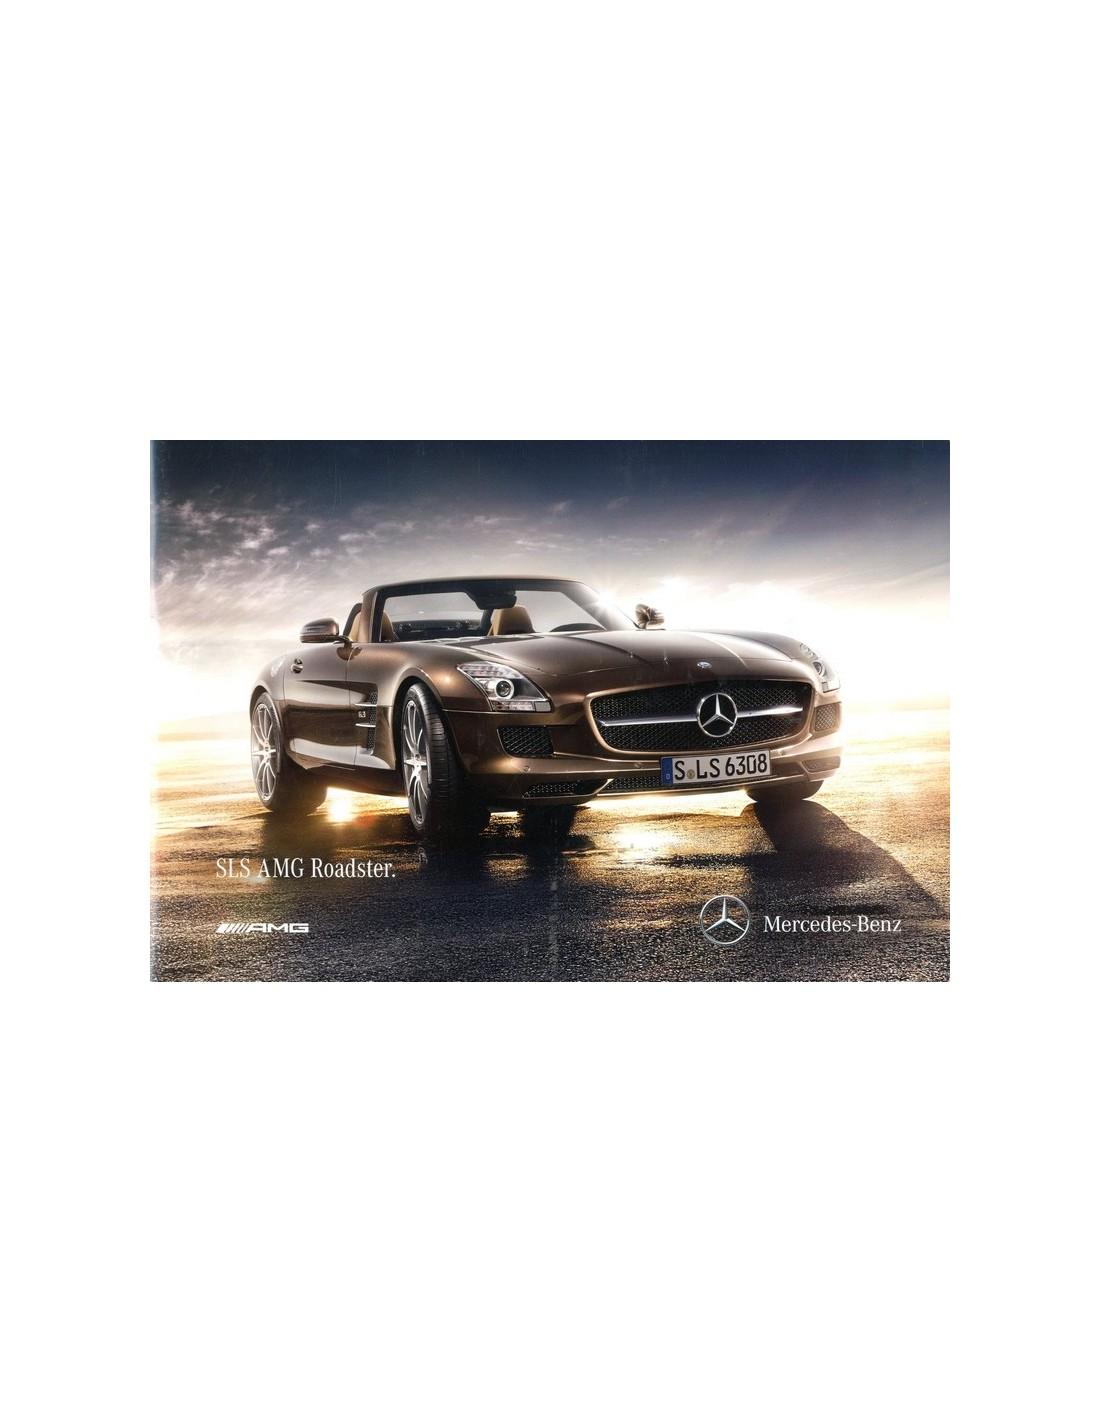 2011 MERCEDES BENZ SLS AMG ROADSTER BROCHURE DUITS